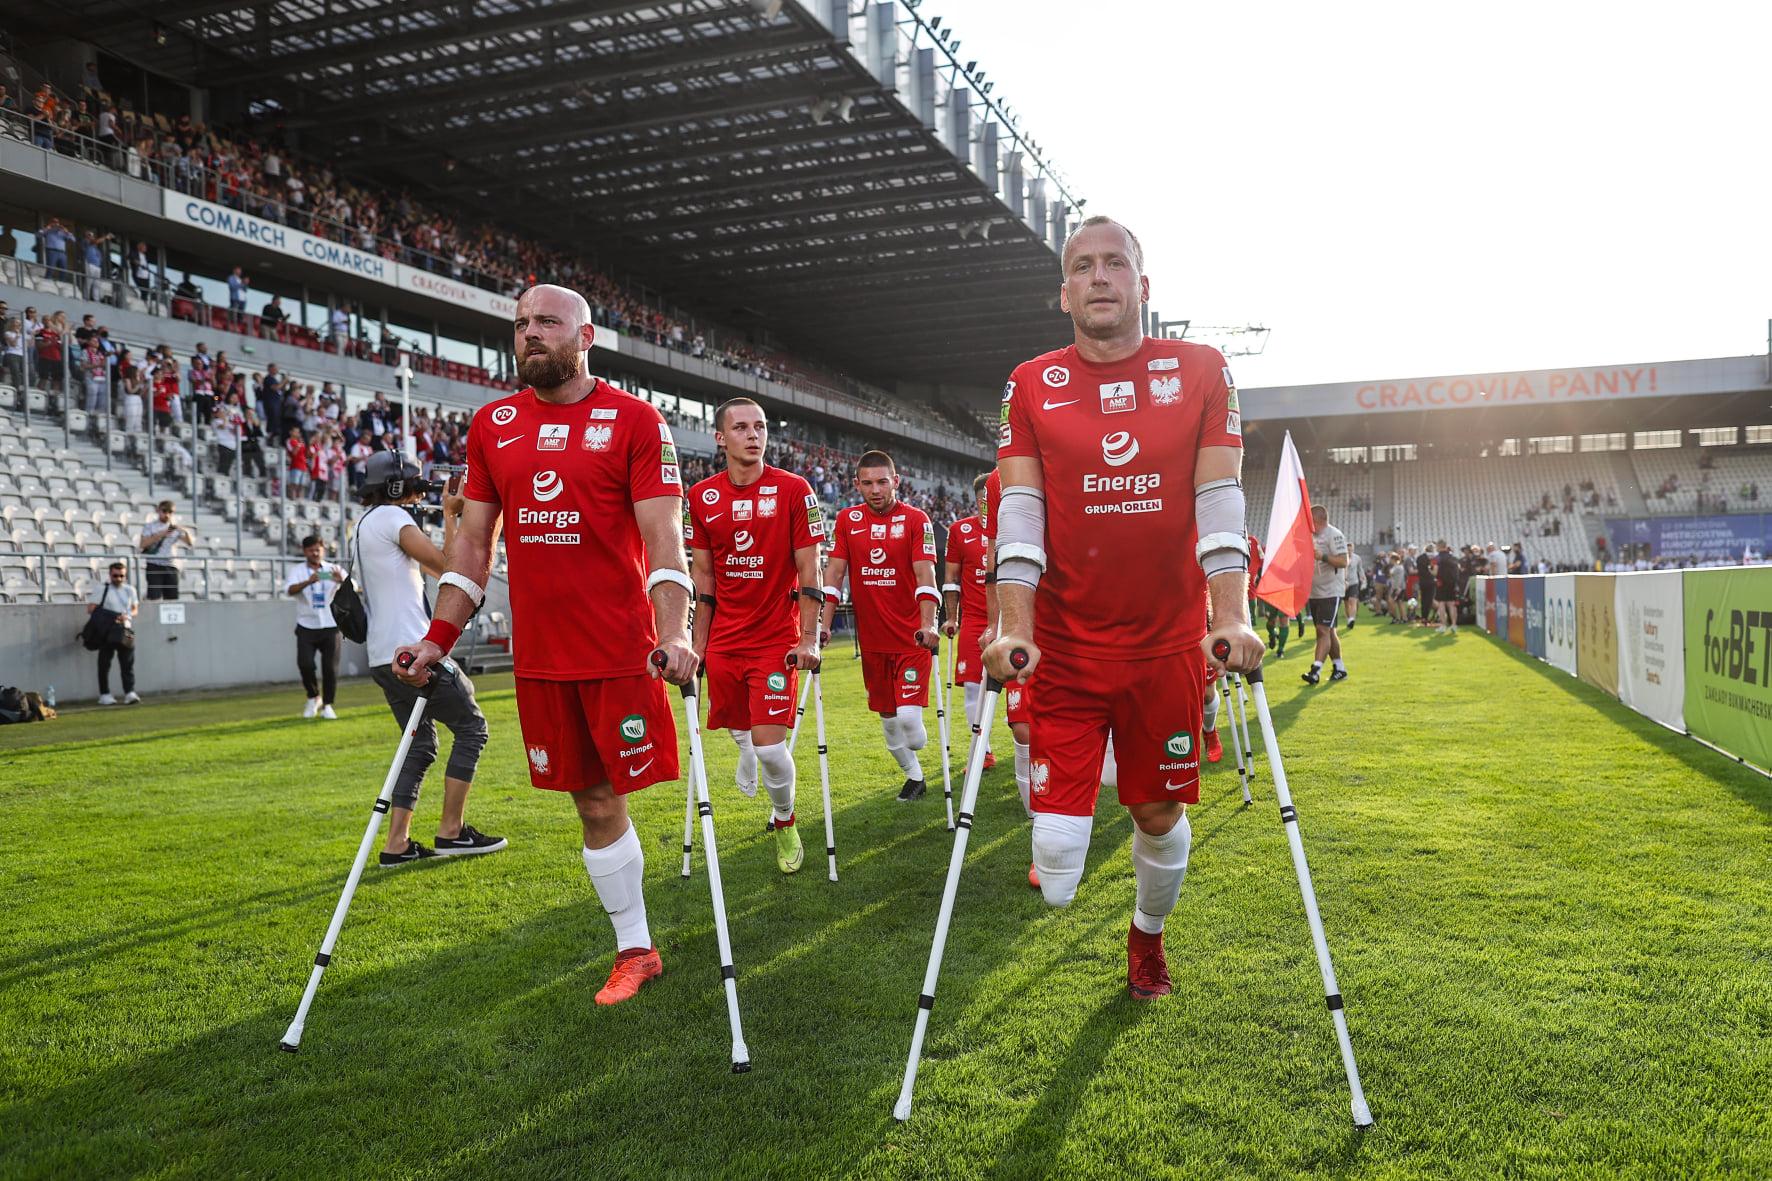 Lengyel győzelemmel indult az amputáltak labdarúgó Európa Bajnoksága